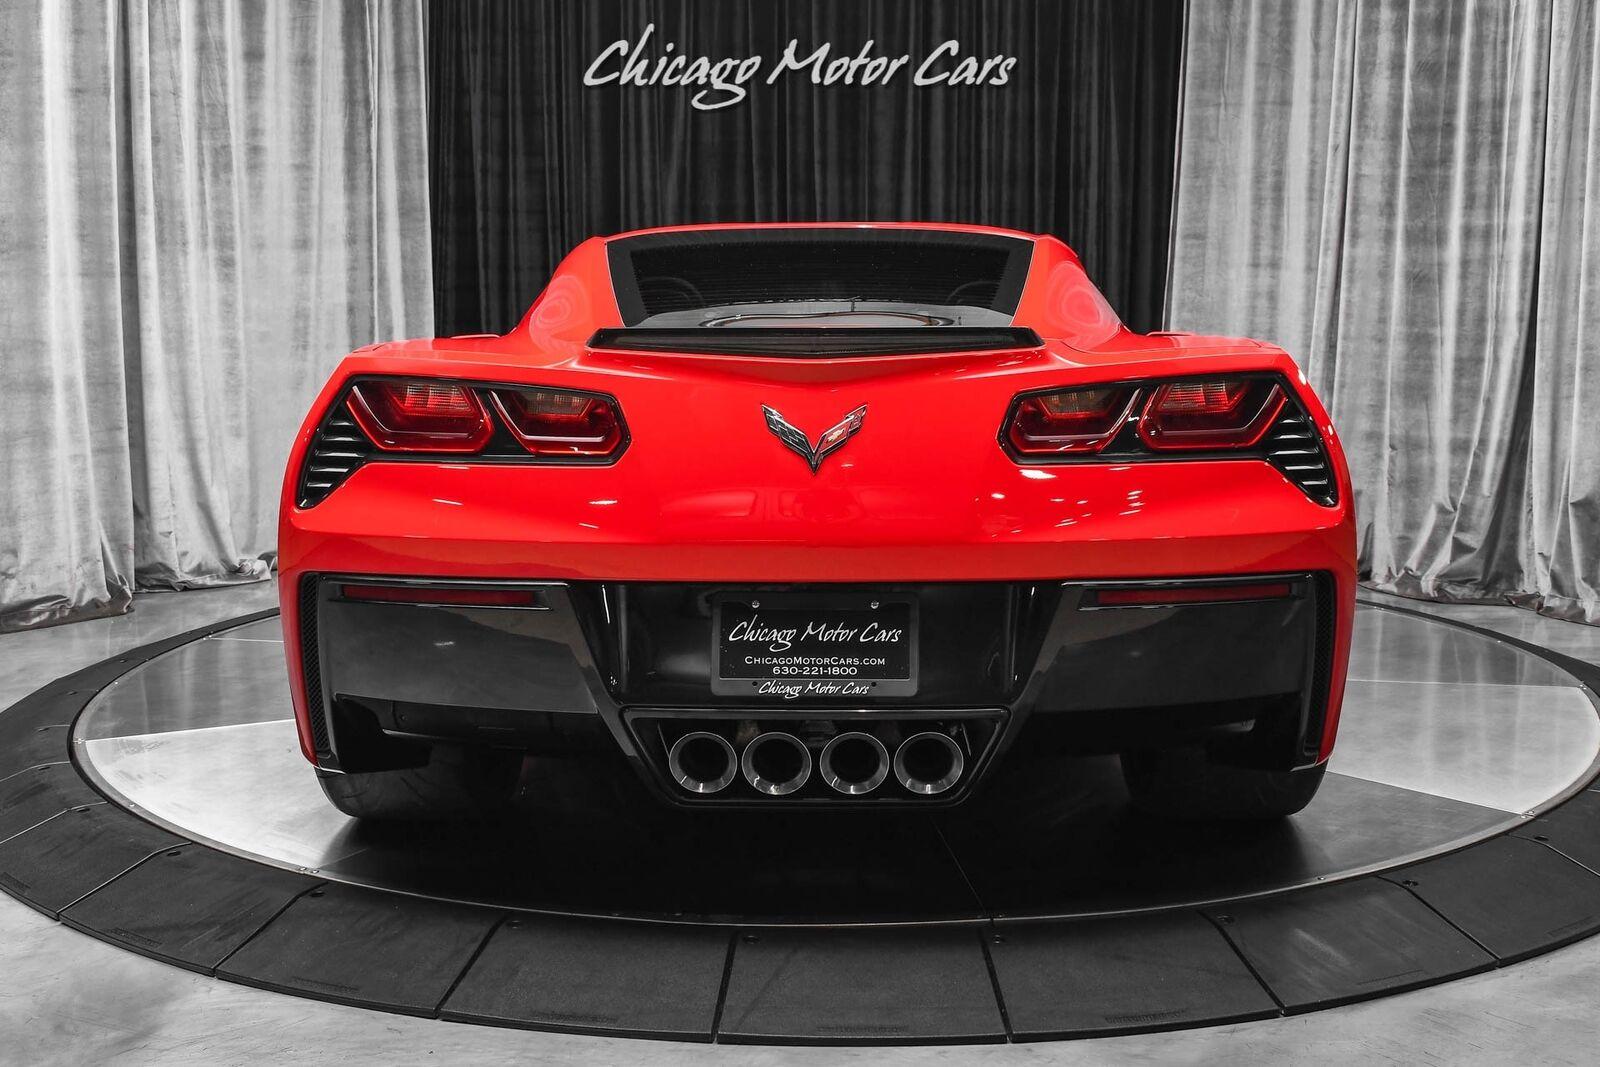 2014 Red Chevrolet Corvette Stingray 2LT | C7 Corvette Photo 4